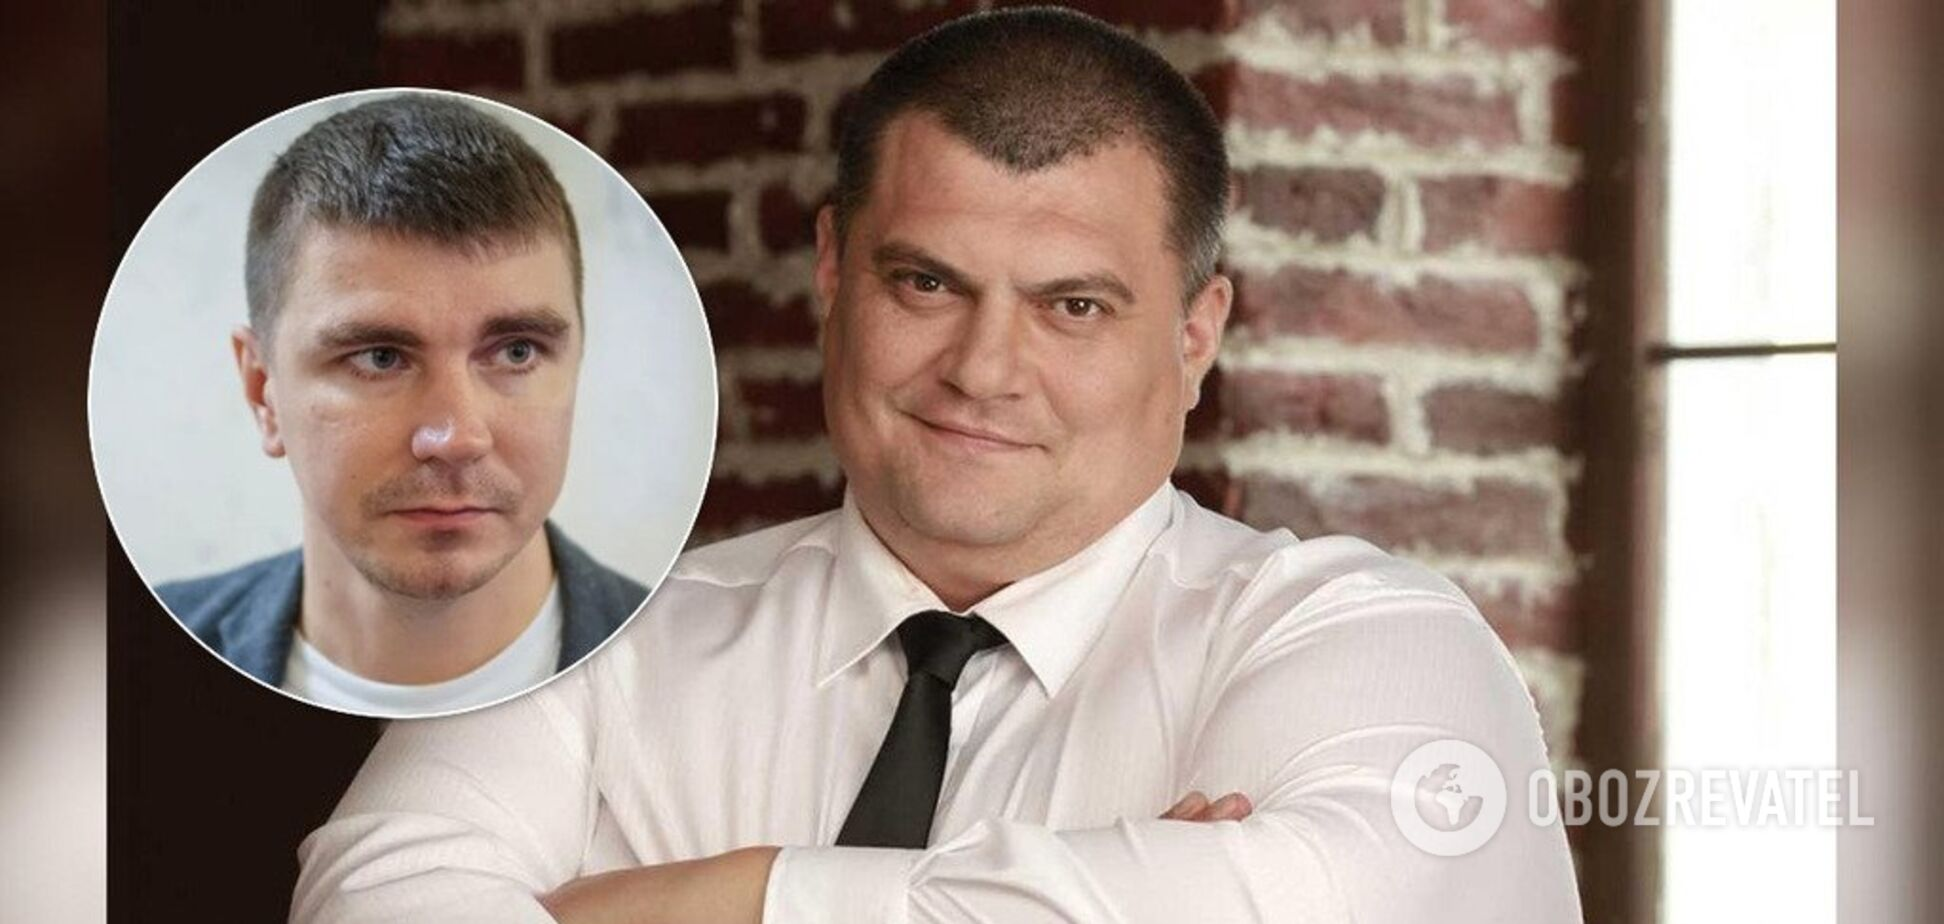 Поляков слил запись разговора 'слуг' с полицией Кривого Рога